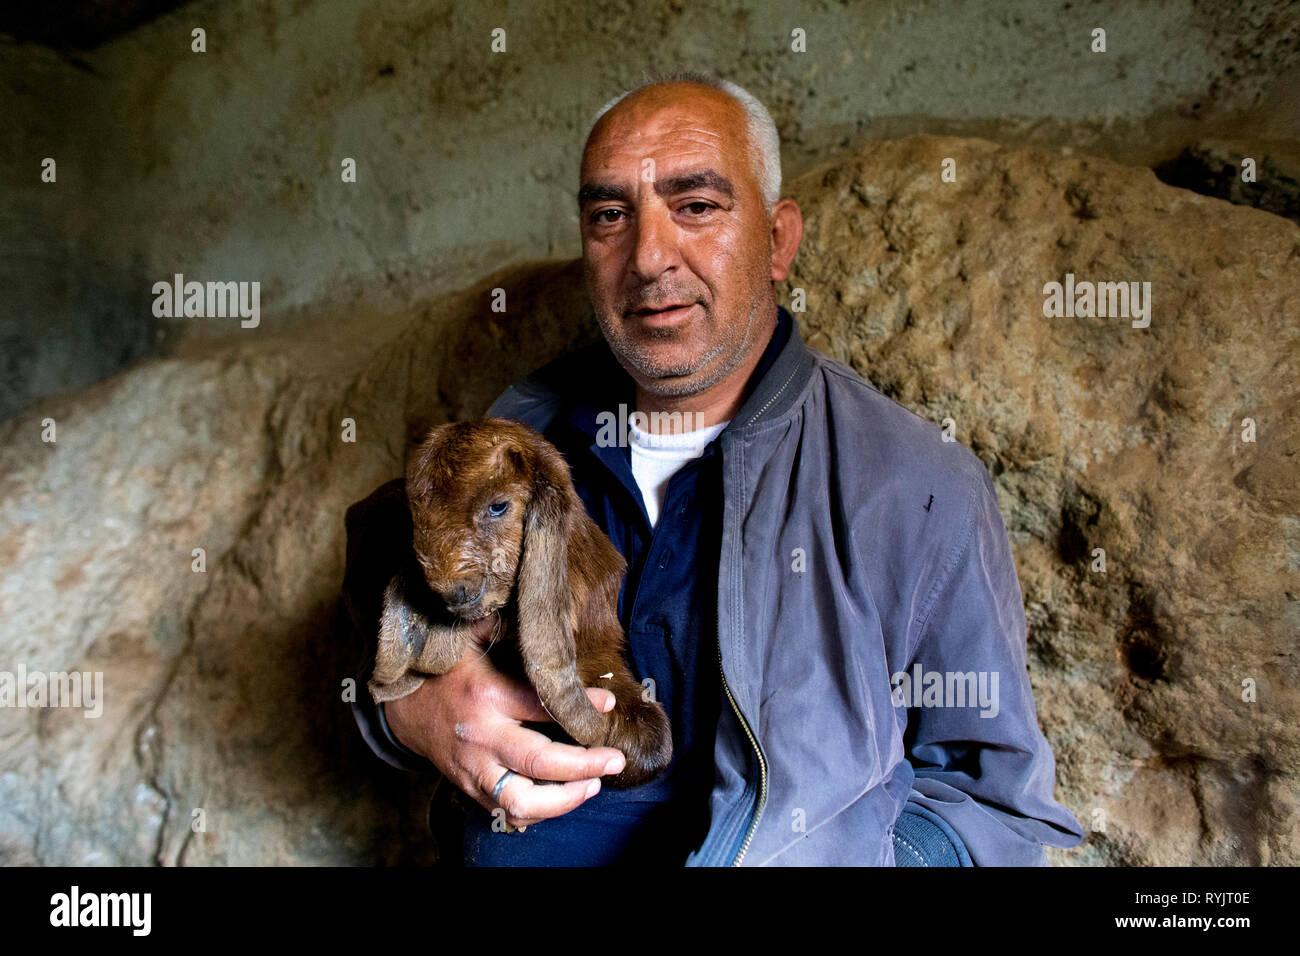 Disabilitato Abed Alsalahm Mohammed Abed Mahdi Khamaiseh ha ricevuto un interesse-free US$4000 prestito da ACAD finanziare per sollevare i bovini in Taffoh, West Bank, Immagini Stock